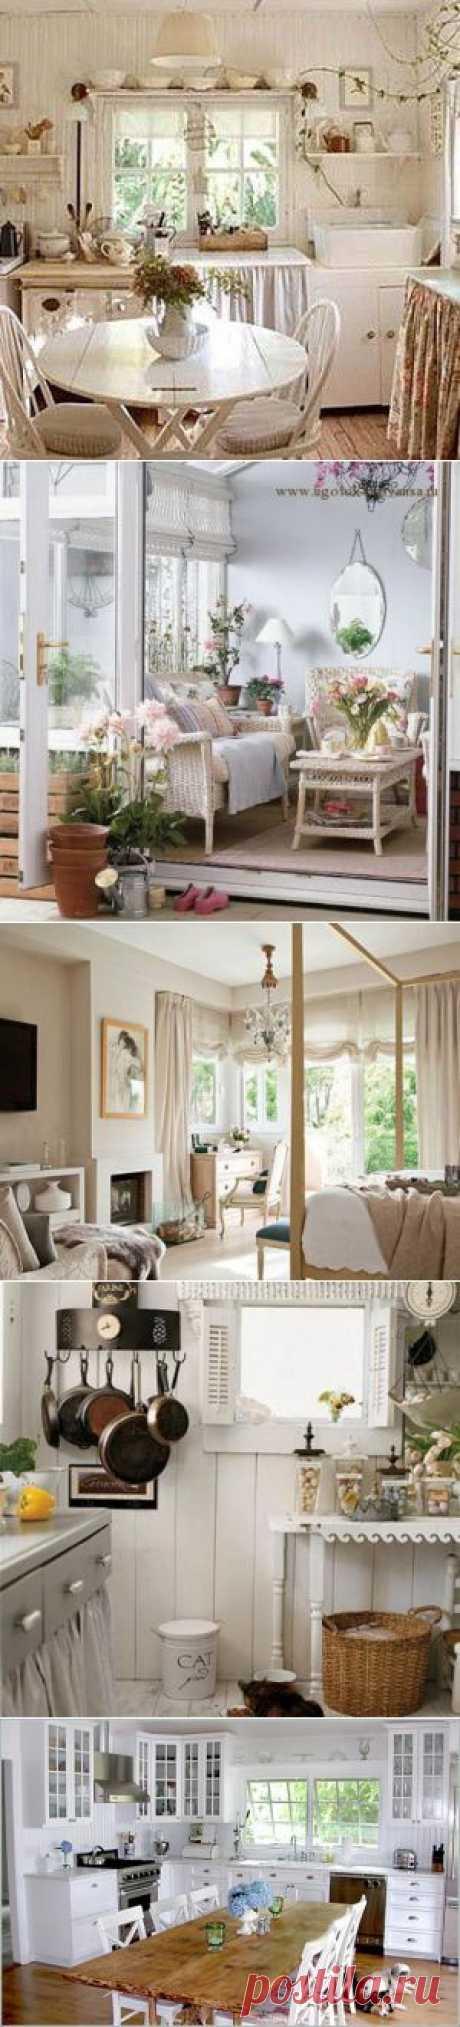 Стиль Прованс в интерьере - фото гостиной, кухни, спальни | семиделка.ру